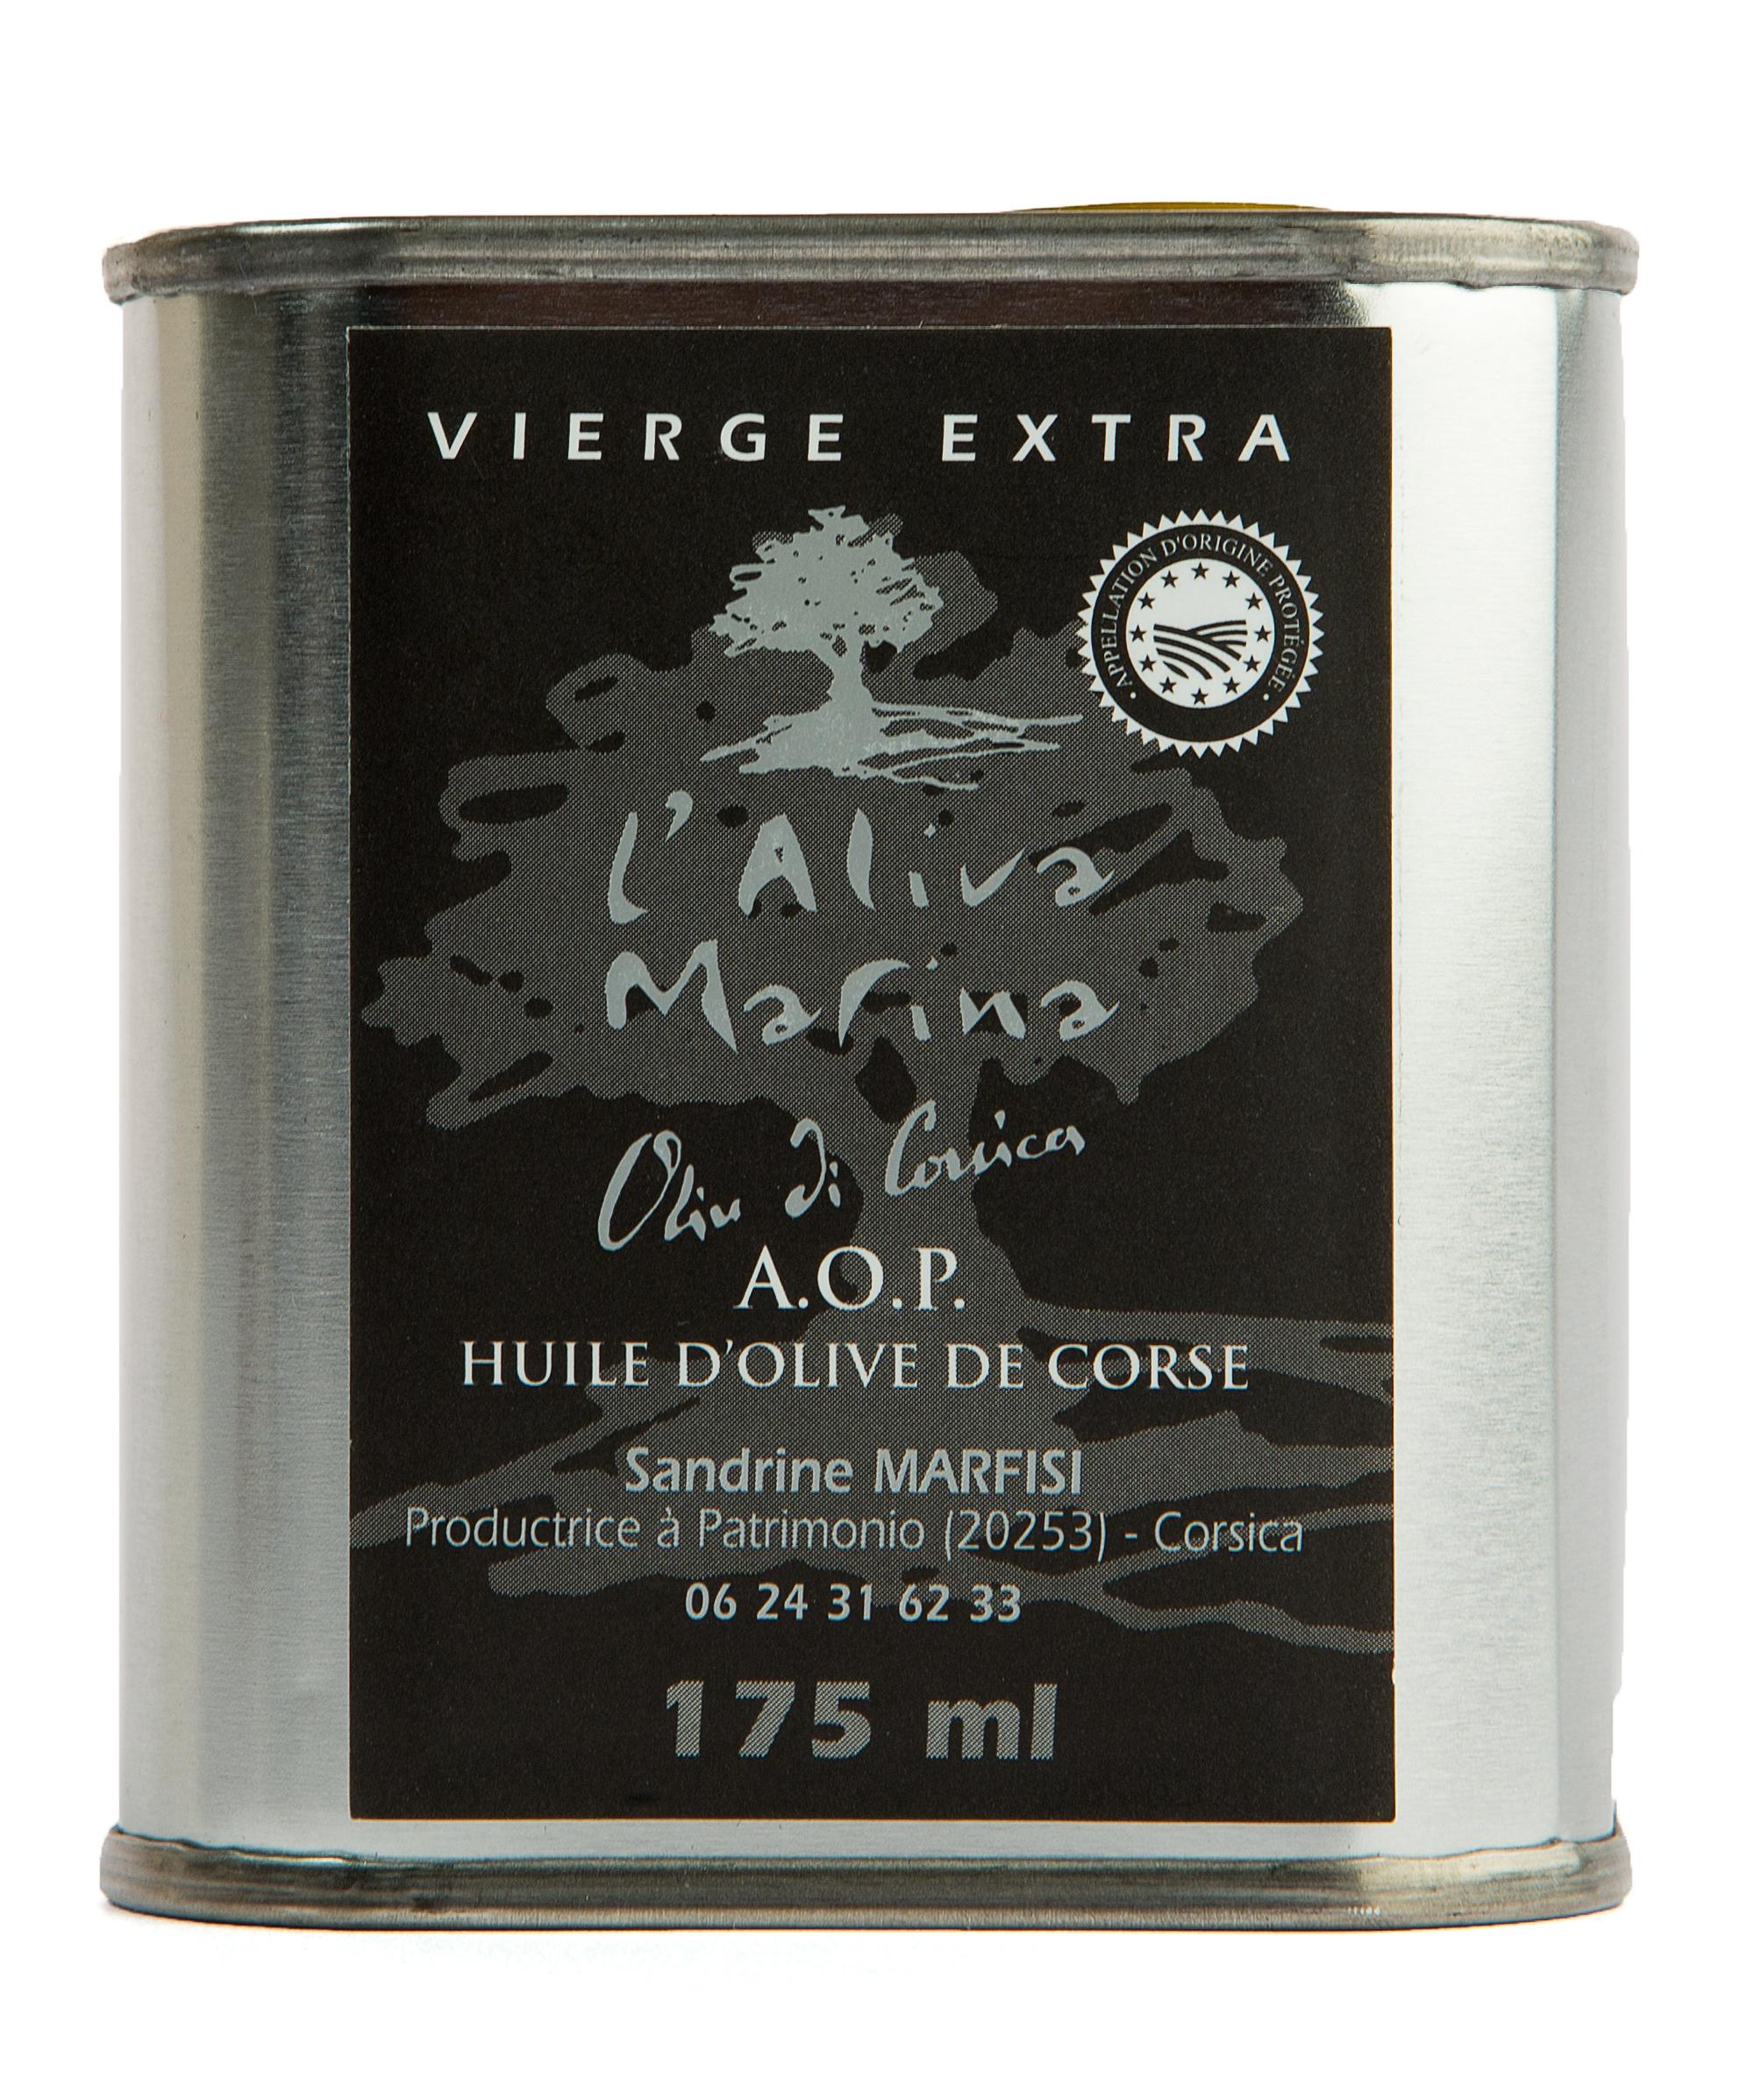 Huile d\' olive de Corse vierge extra AOP Bidon métal en 175 ml